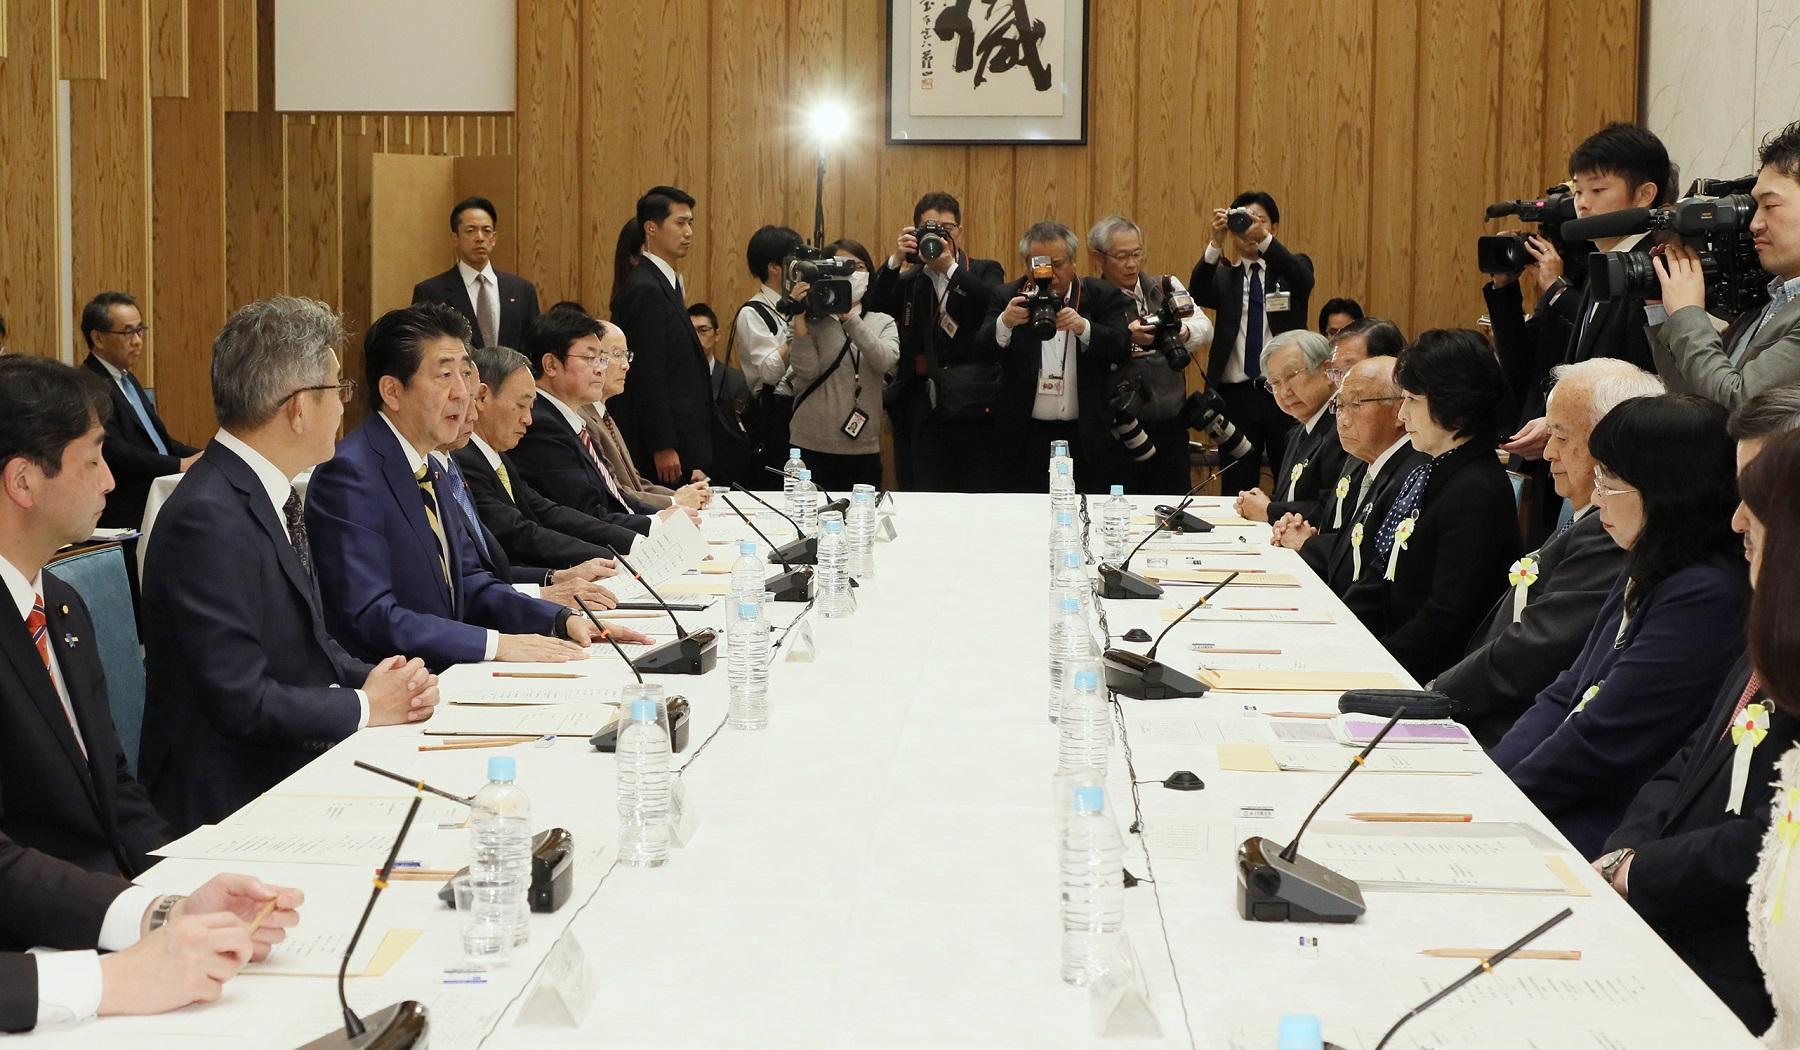 令和元年12月11日 行政改革推進会議 | 令和元年 | 総理の一日 ...